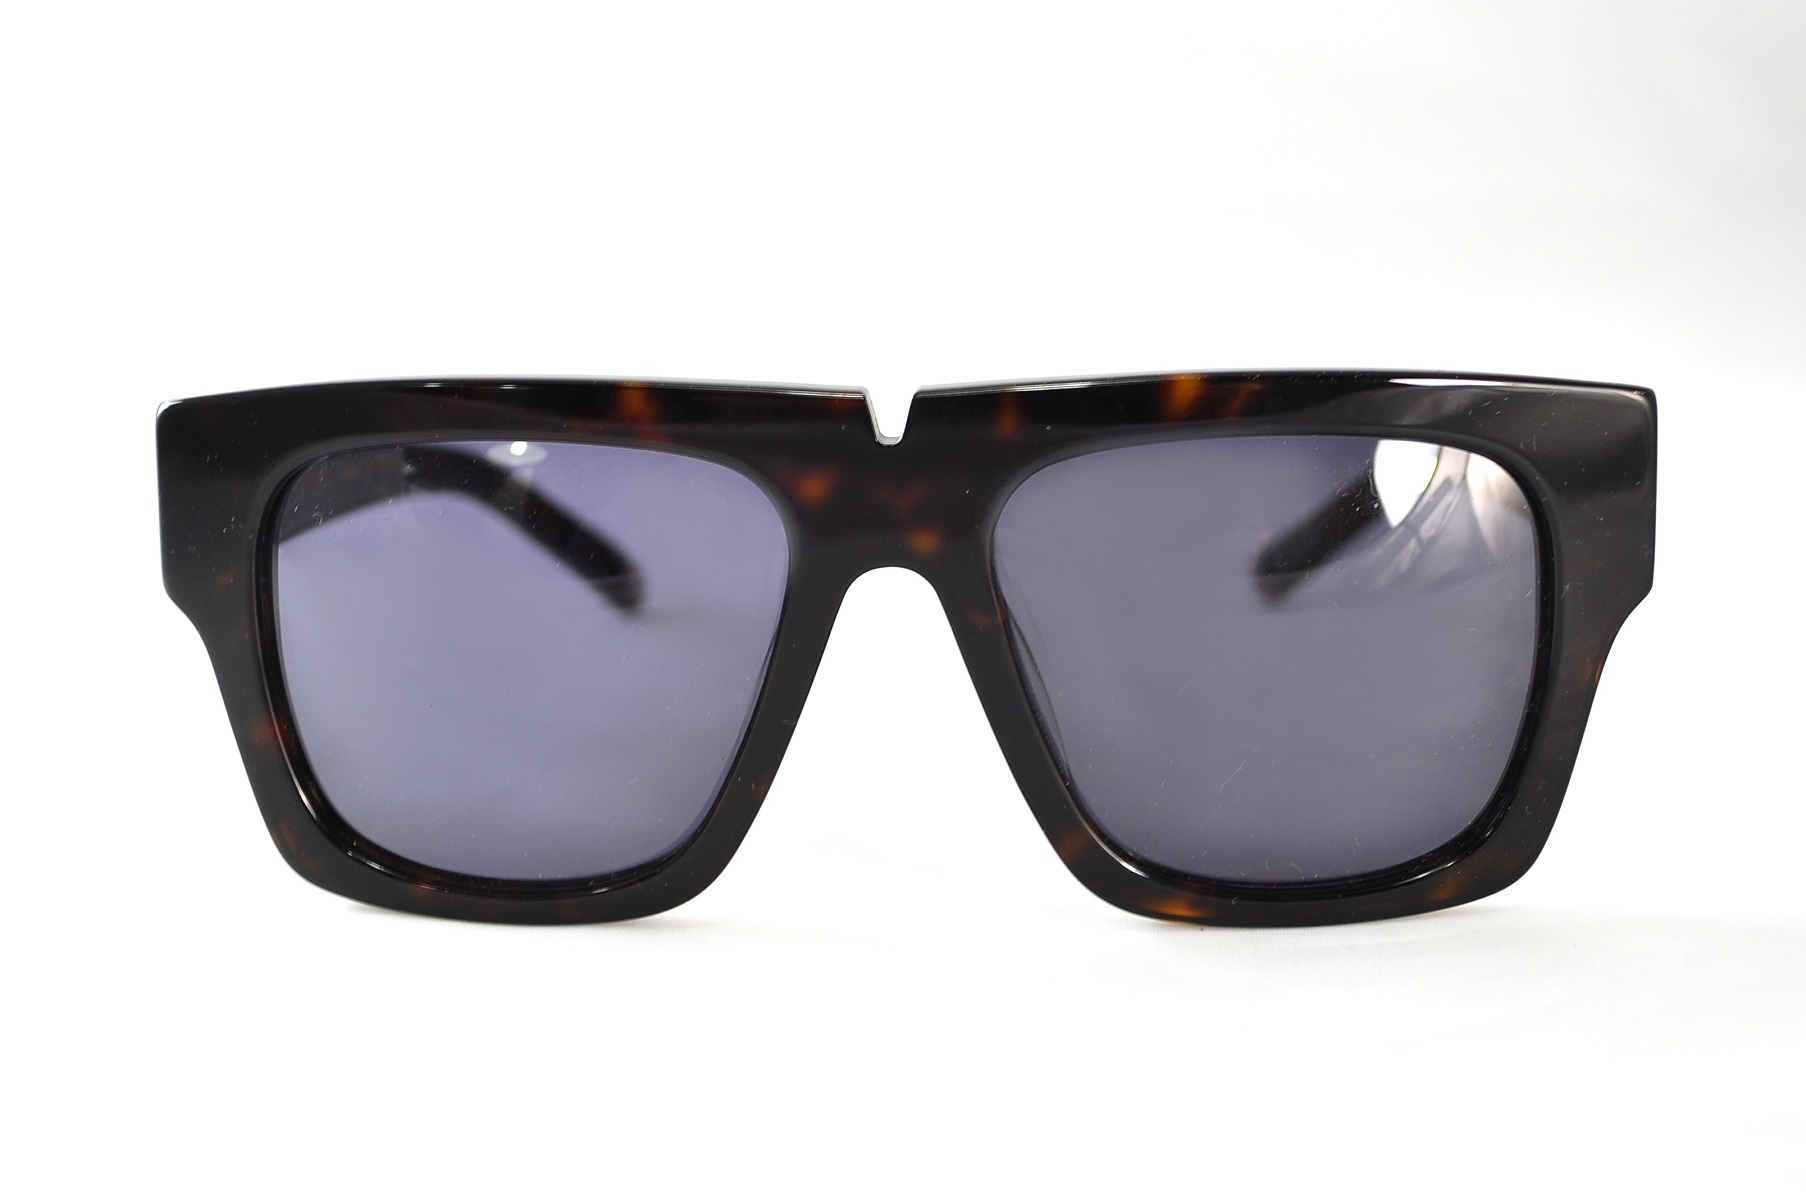 YOSHIMOTO RISE(黑) $6150